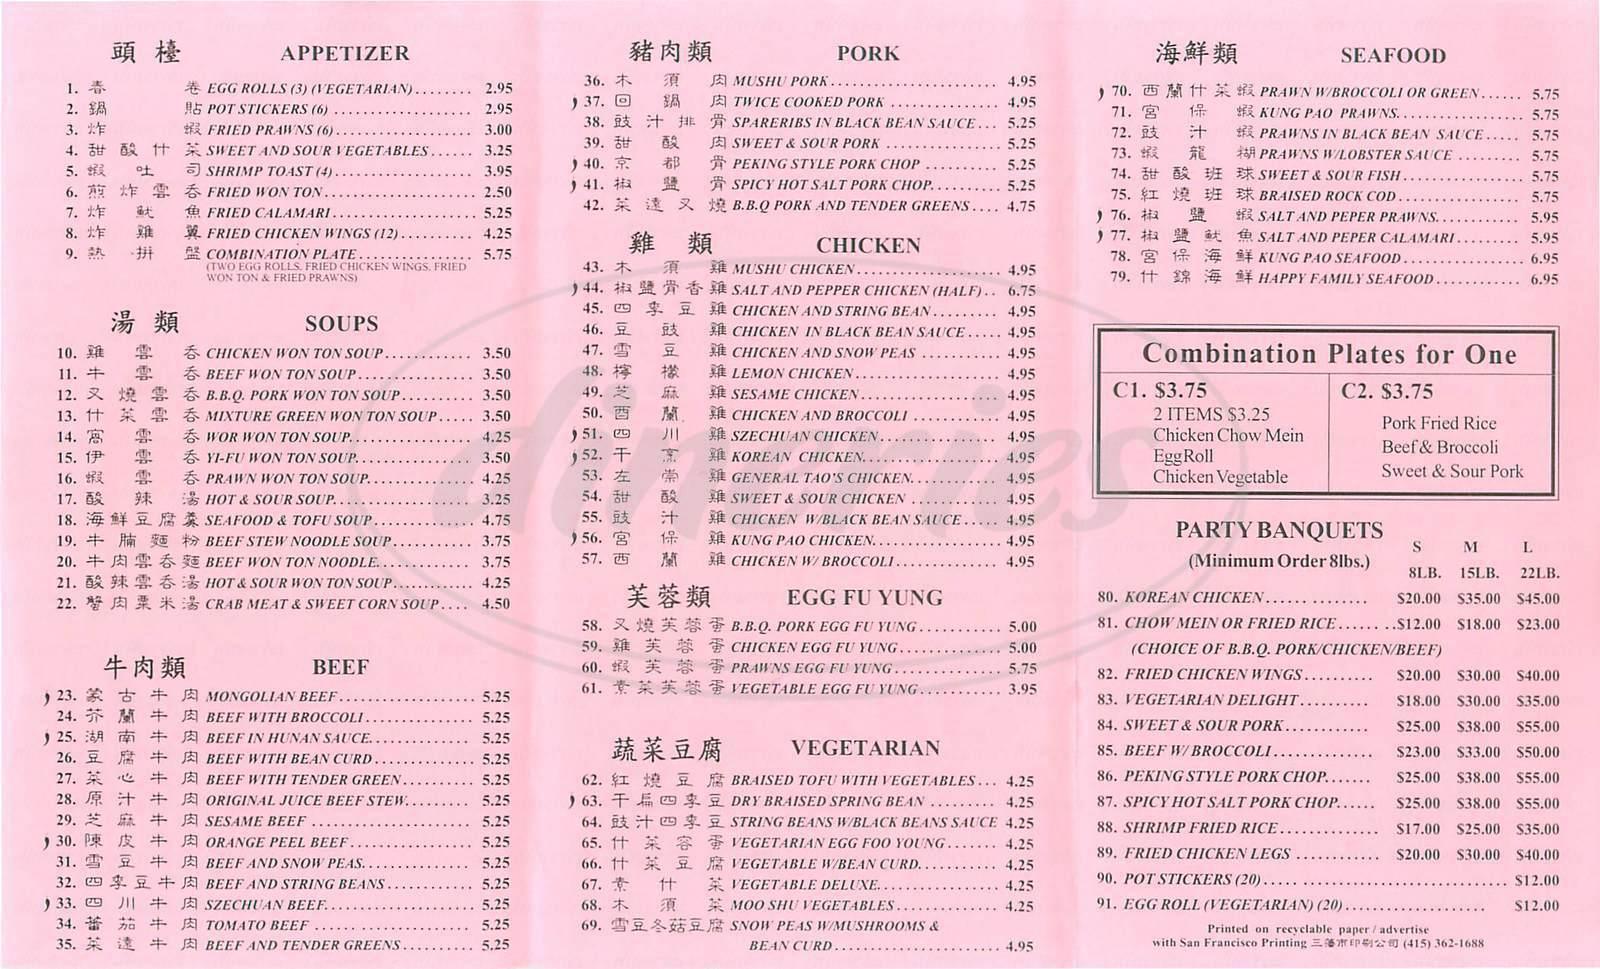 menu for Giant Scoop Café